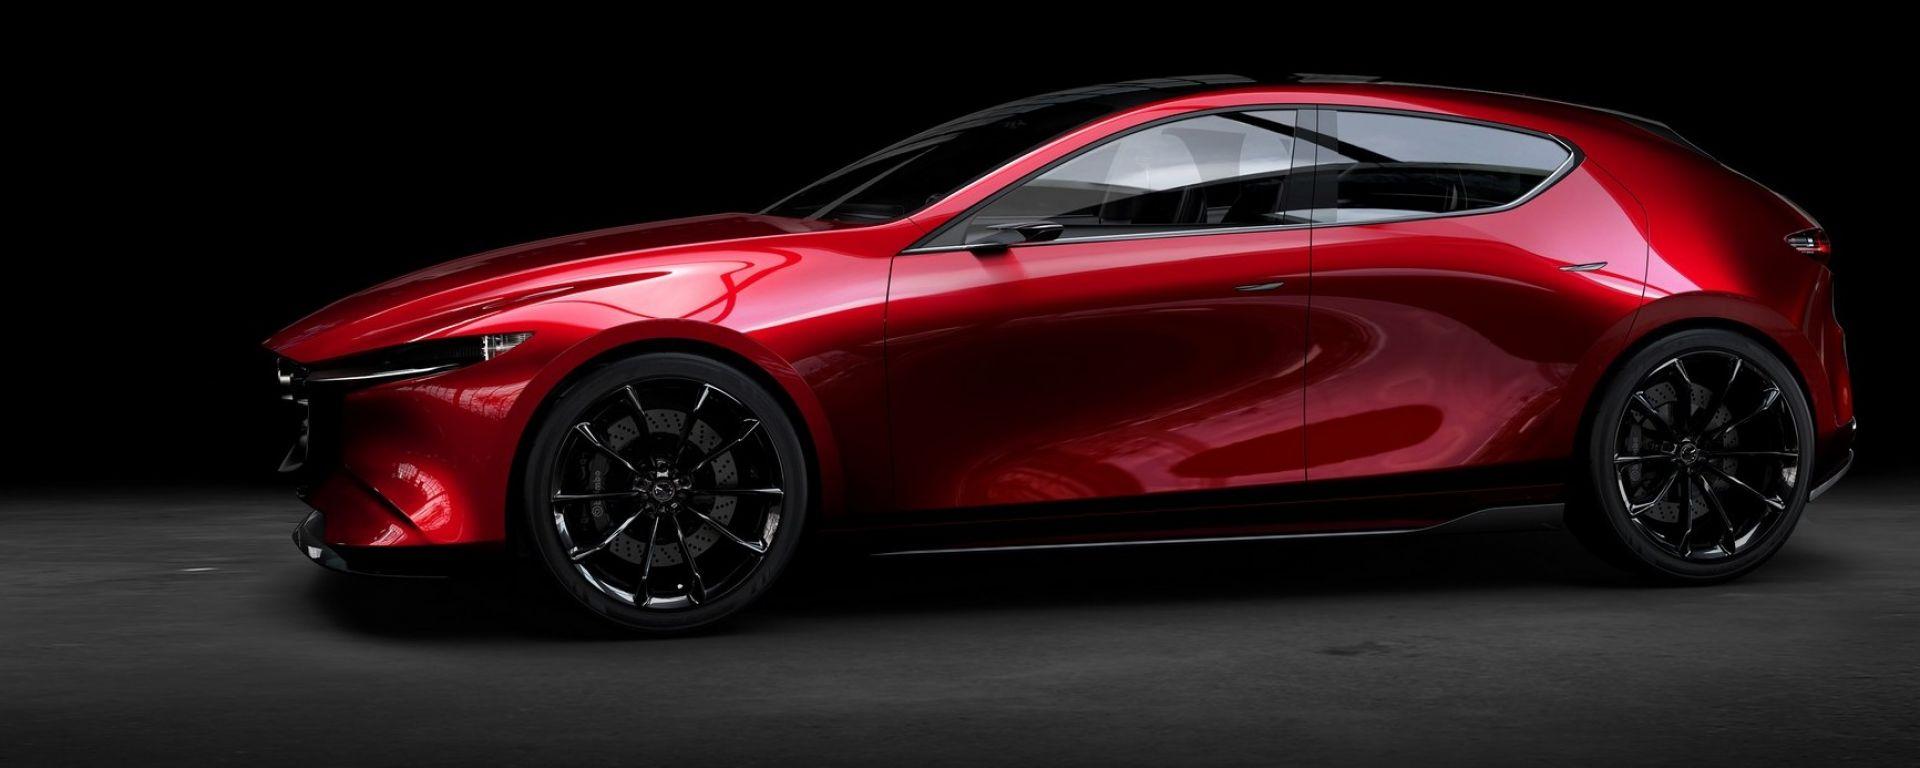 Mazda 3: la nuova generazione arriverà nel 2019